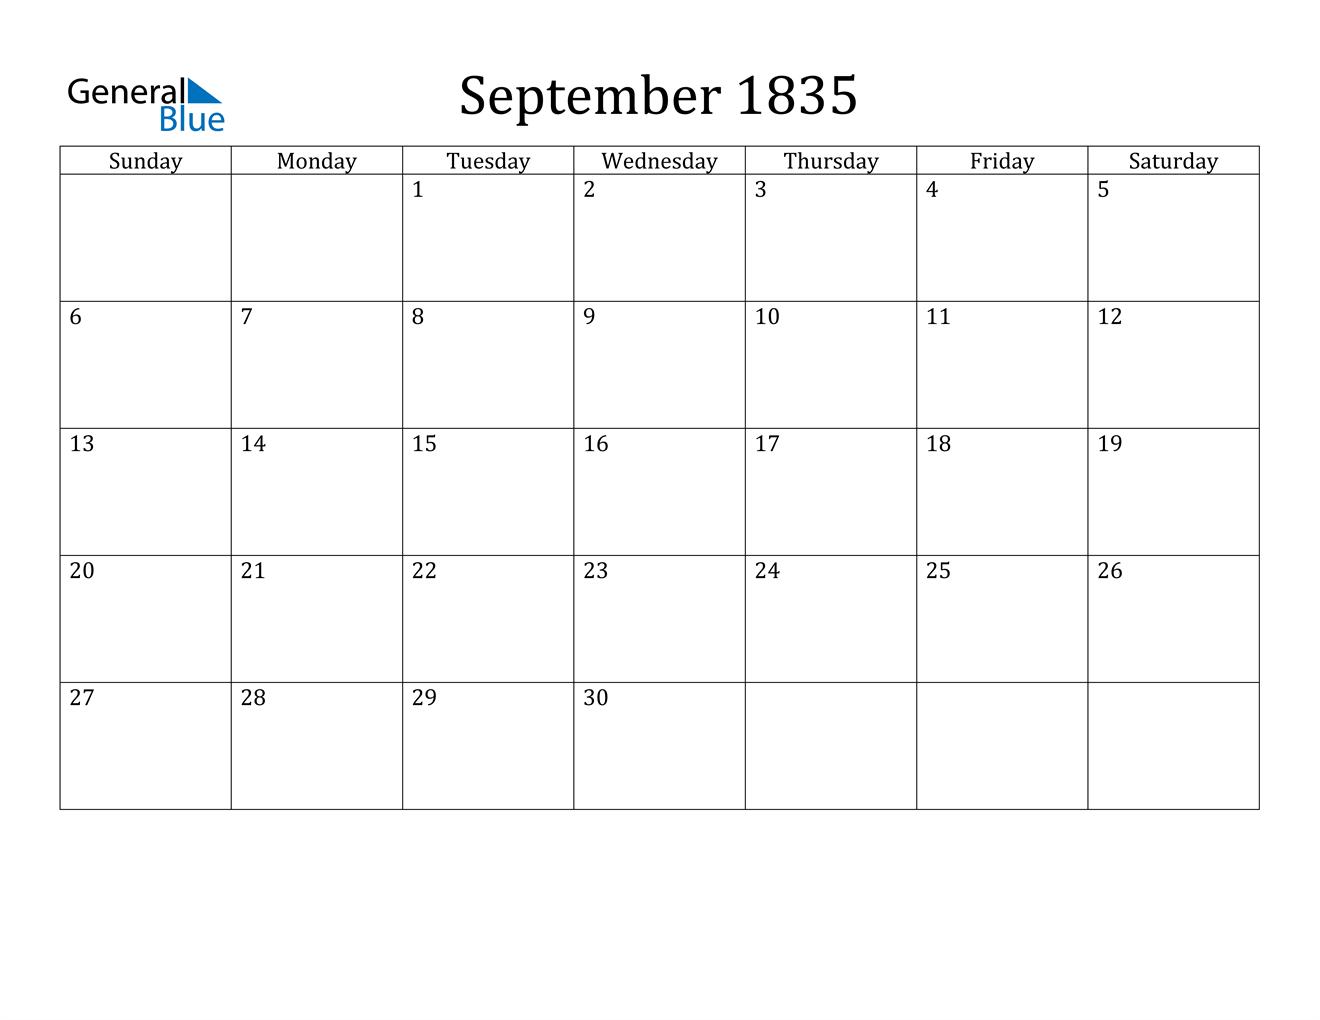 Image of September 1835 Calendar